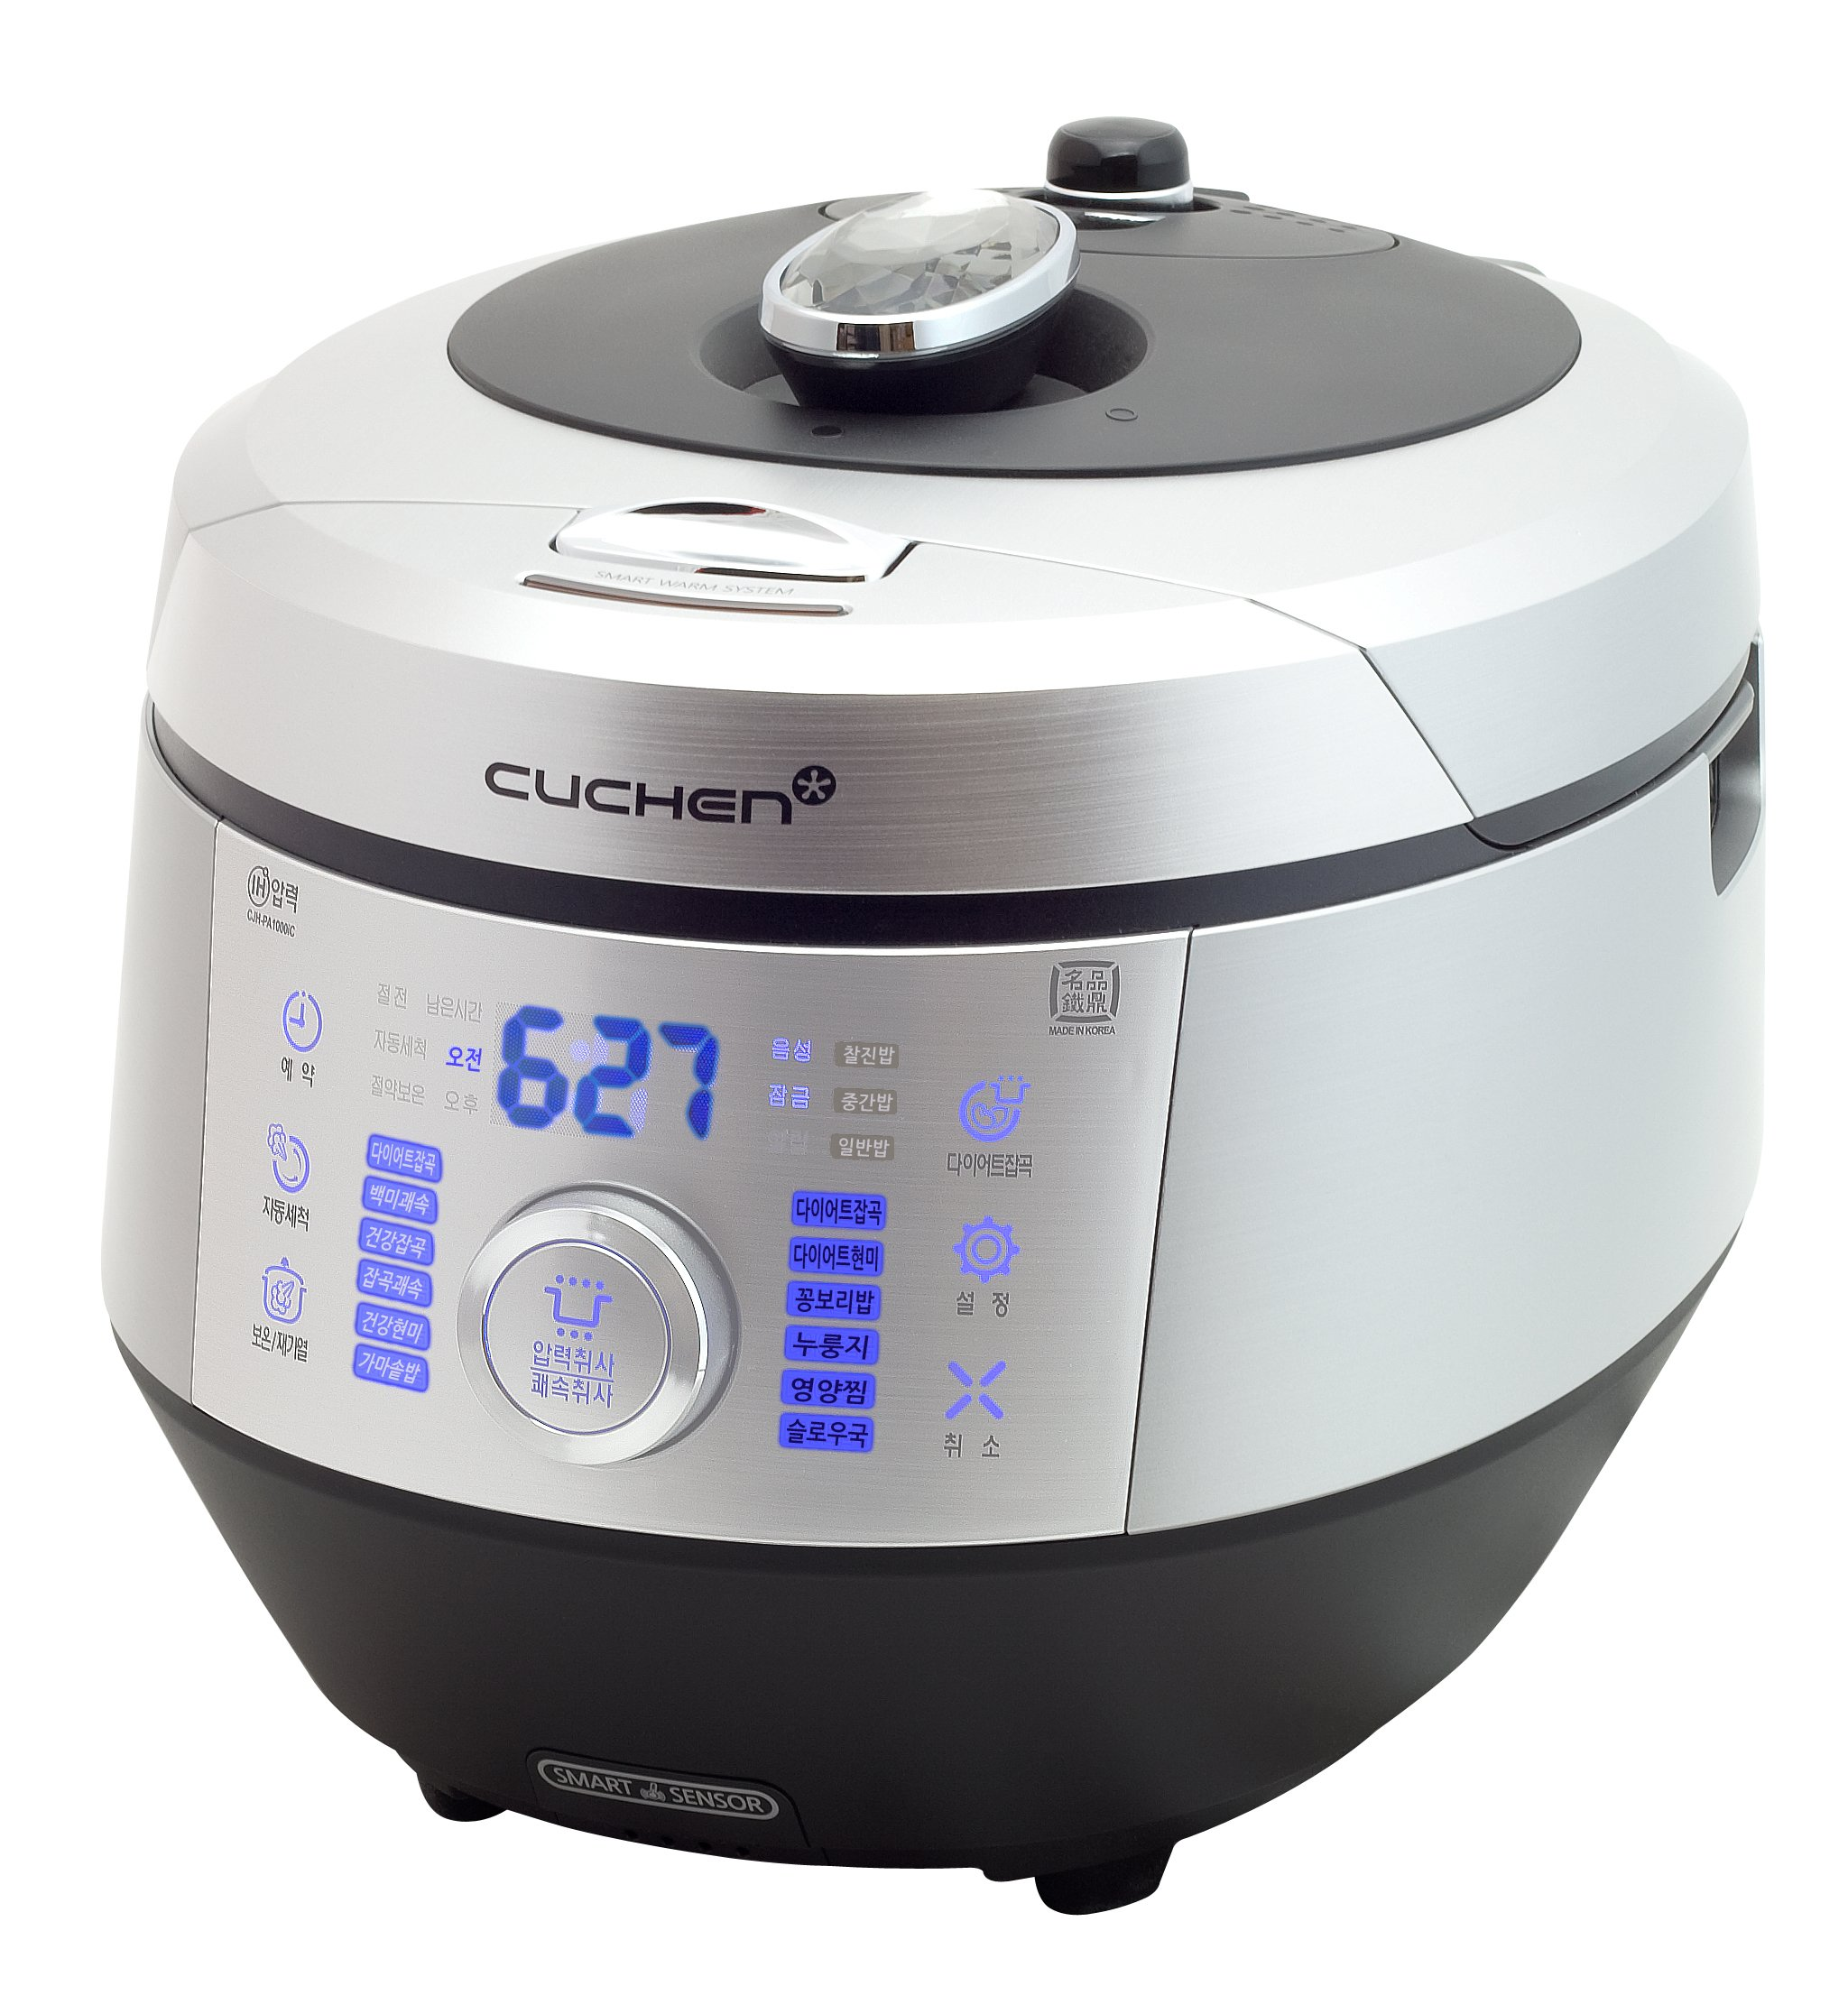 CUCHEN Classic IH Pressure Rice Cooker & Warmer 10cup CJH-PA1000 110V